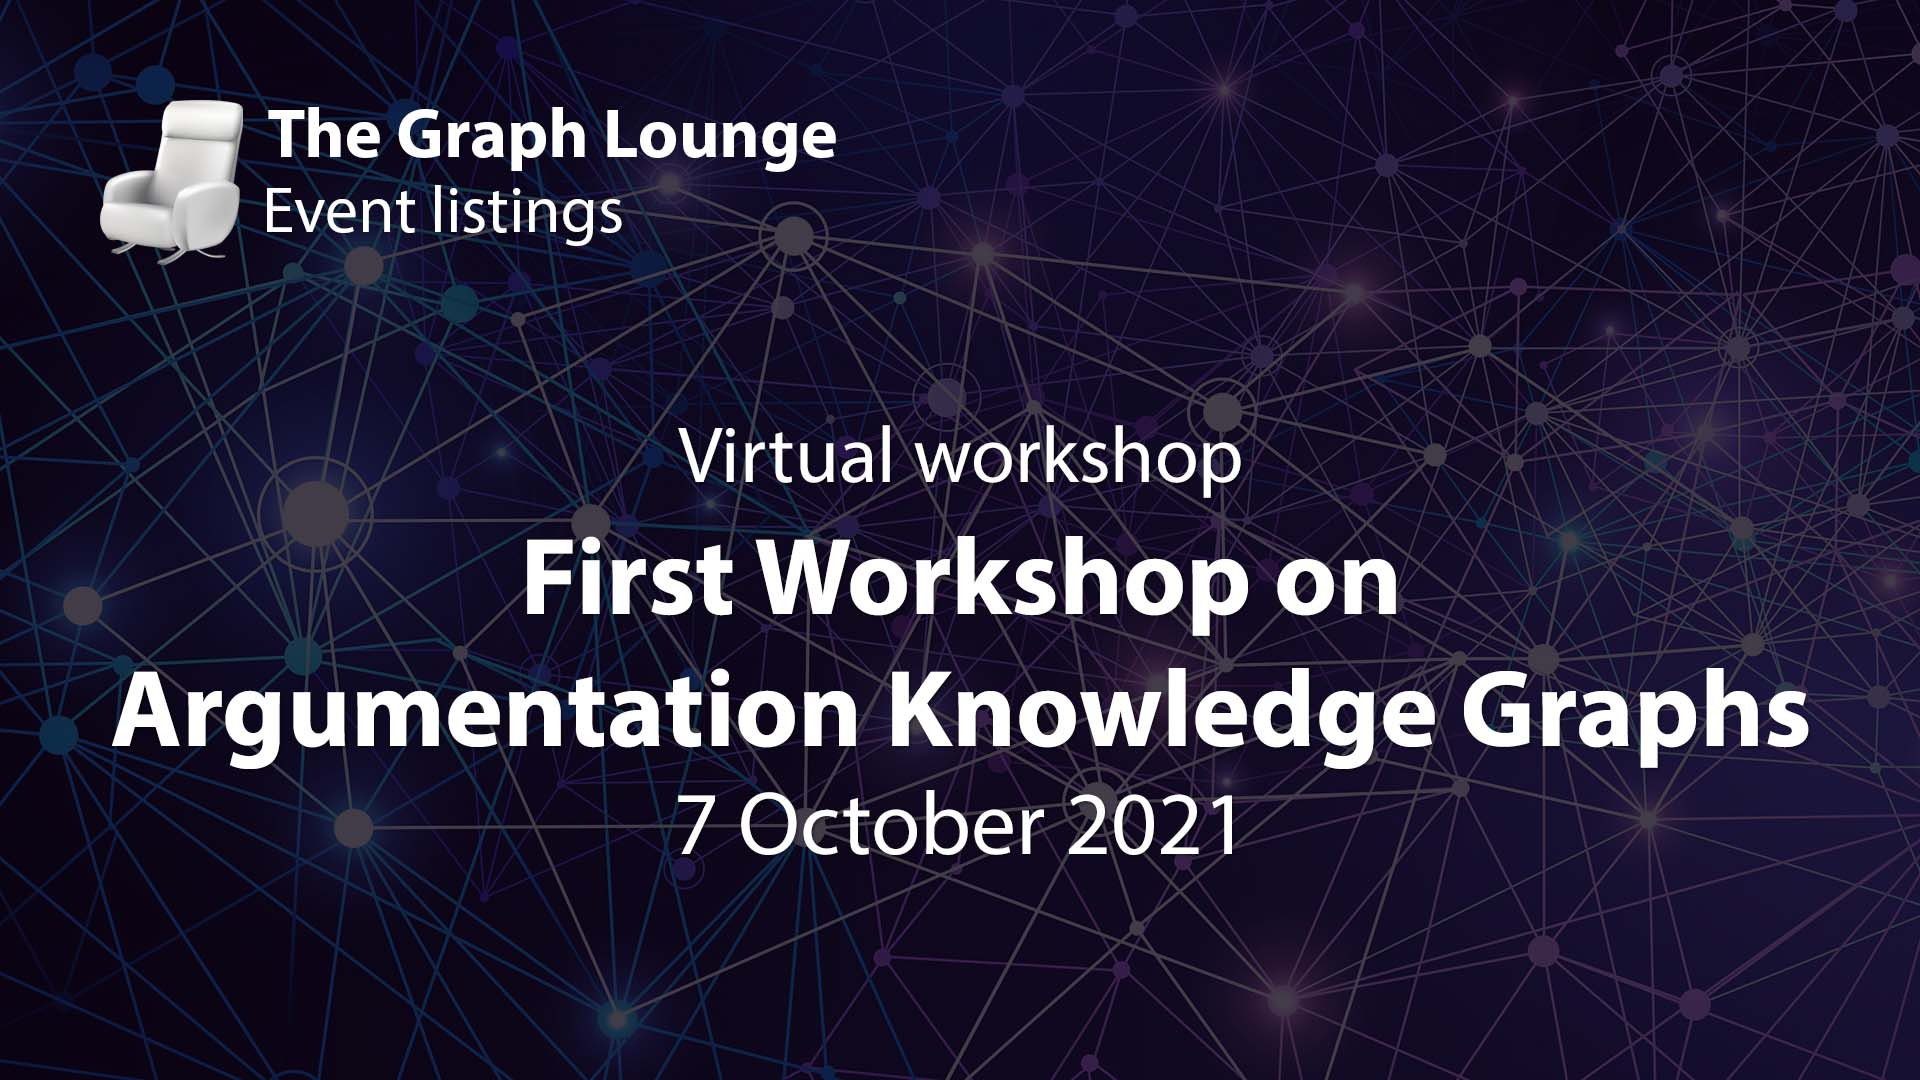 First Workshop on Argumentation Knowledge Graphs